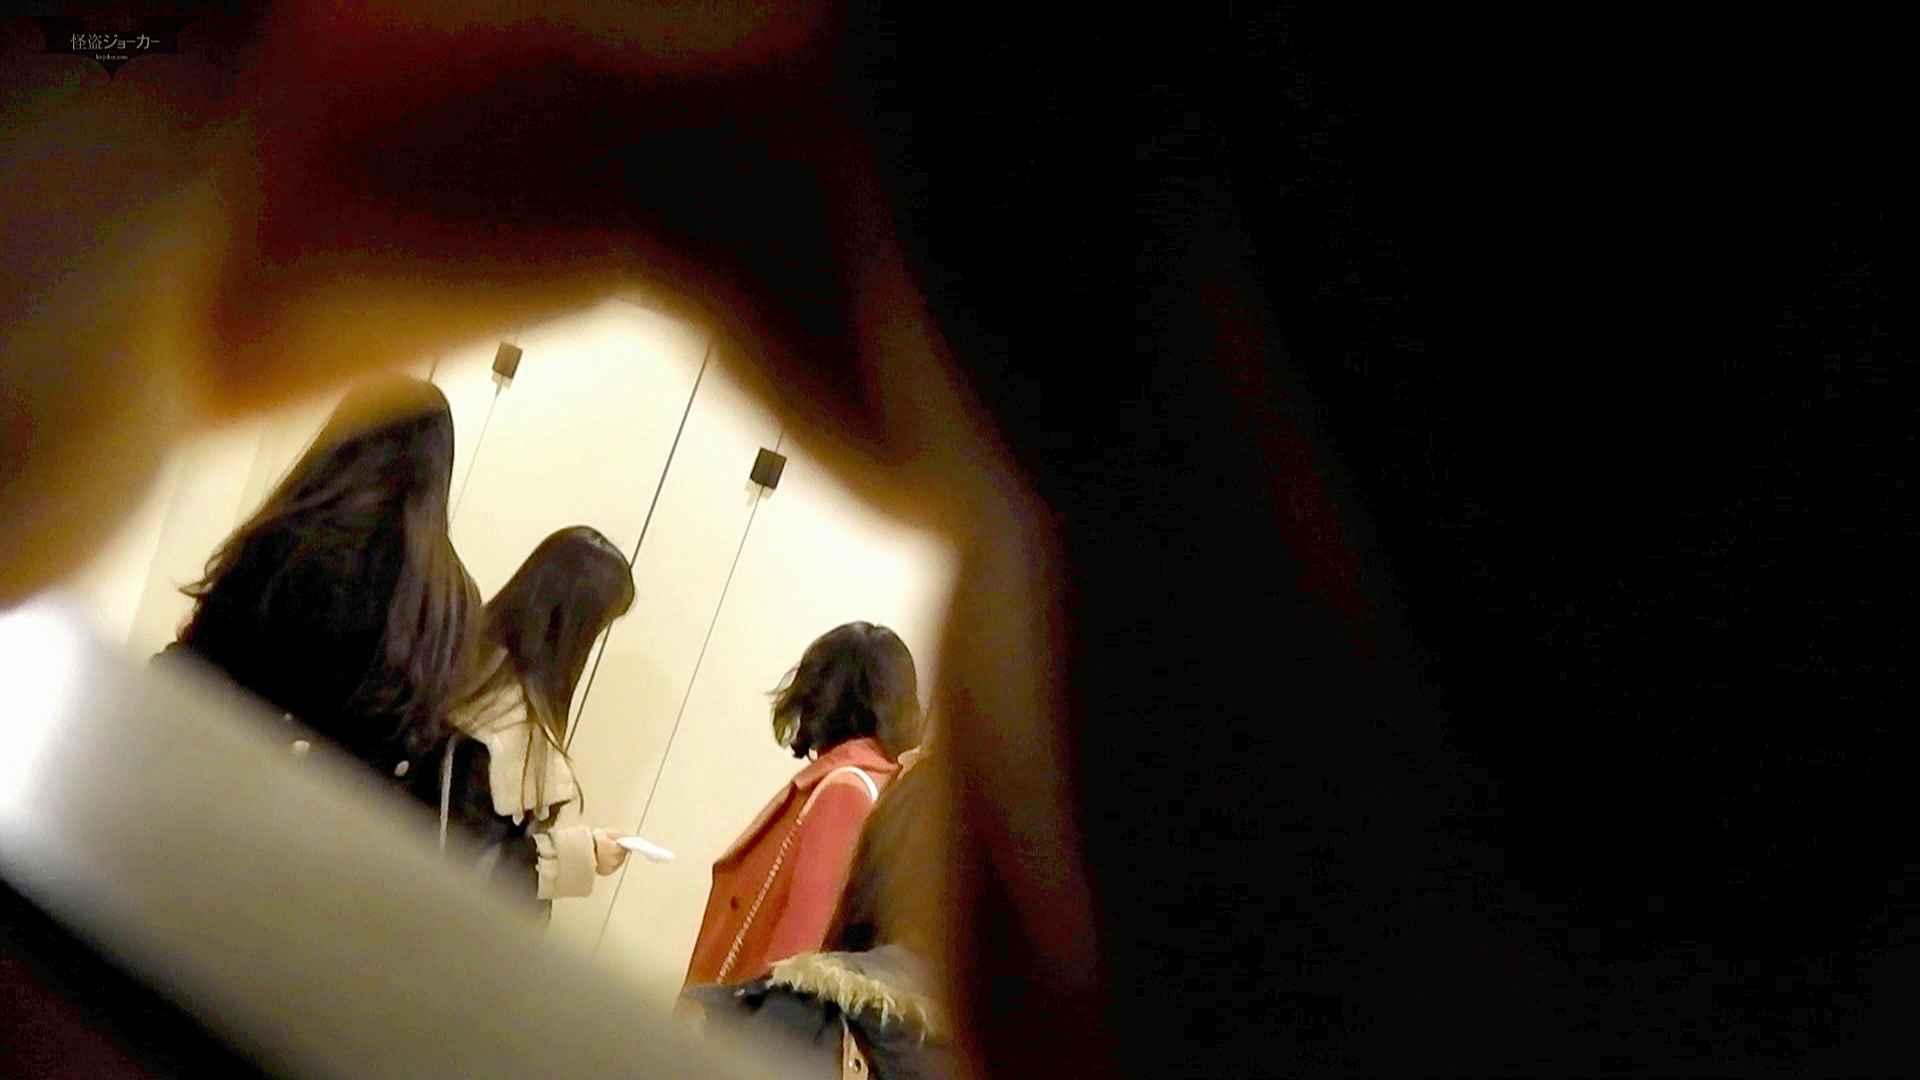 盗撮おまんこ 新世界の射窓 No71 久しぶり、可愛い三人組全部晒しちゃいます。 怪盗ジョーカー